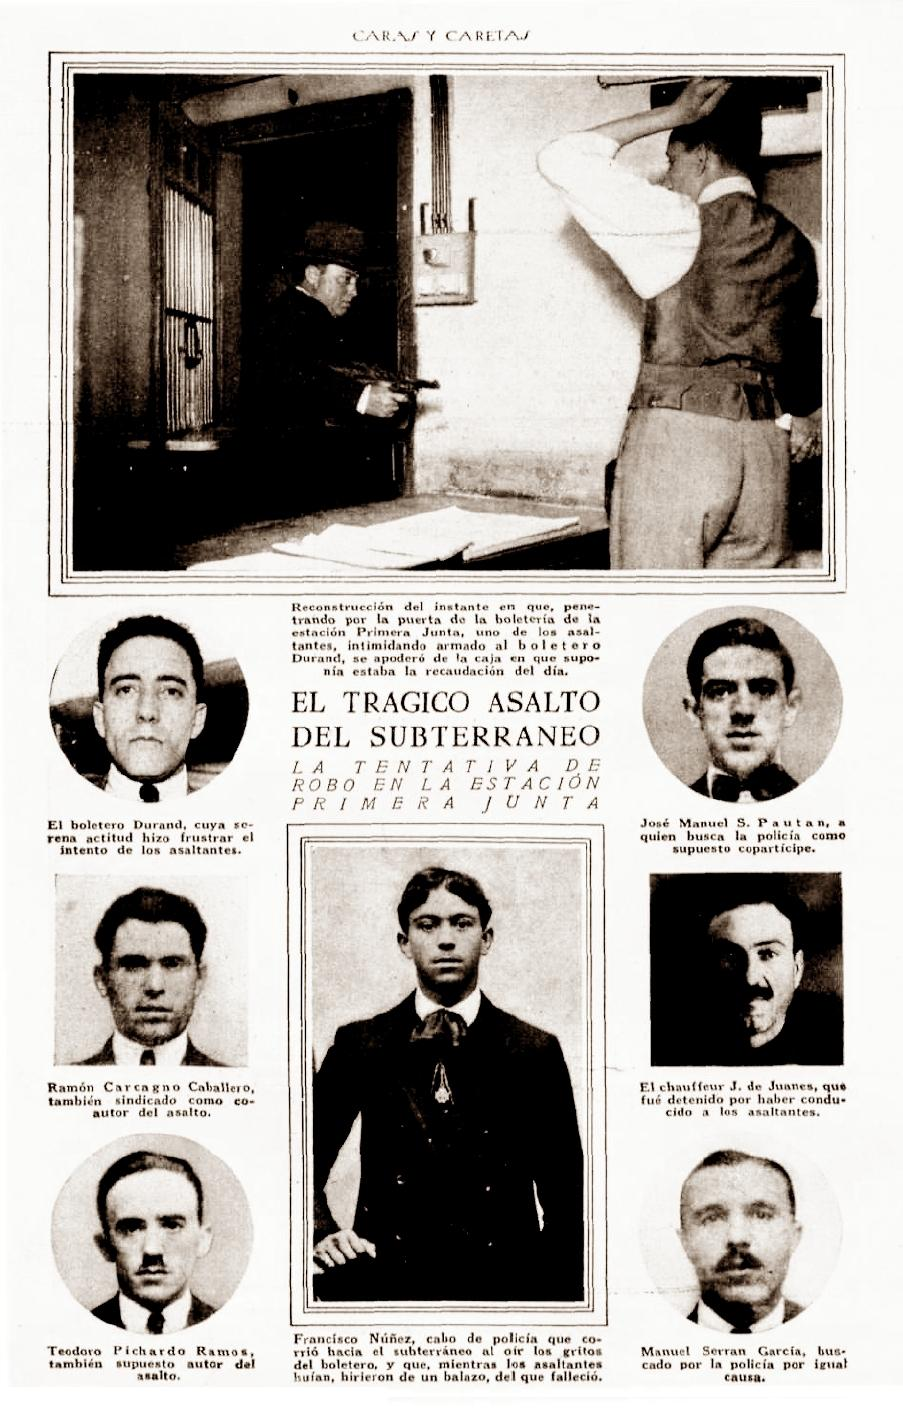 """El atraco de Primera Junta según la publicación de Buenos Aires """"Caras y Caretas"""" (núm. 1417, 28-11-1925)"""